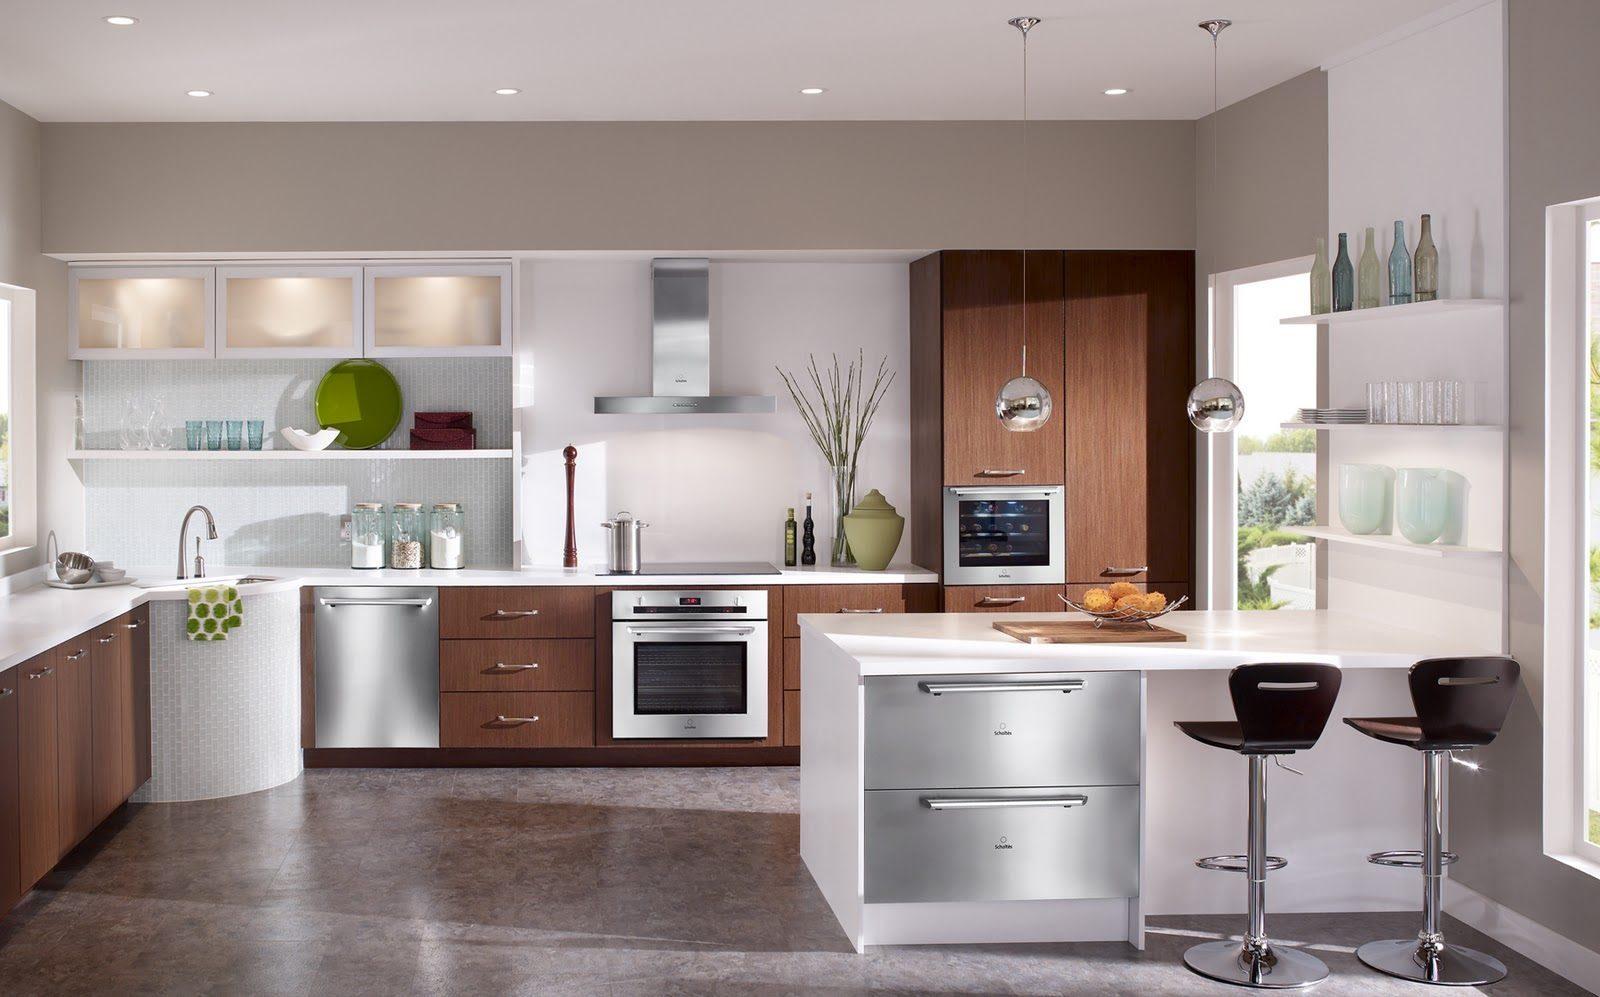 Escoger electrodom sticos de cocina - Ikea barra cucina ...